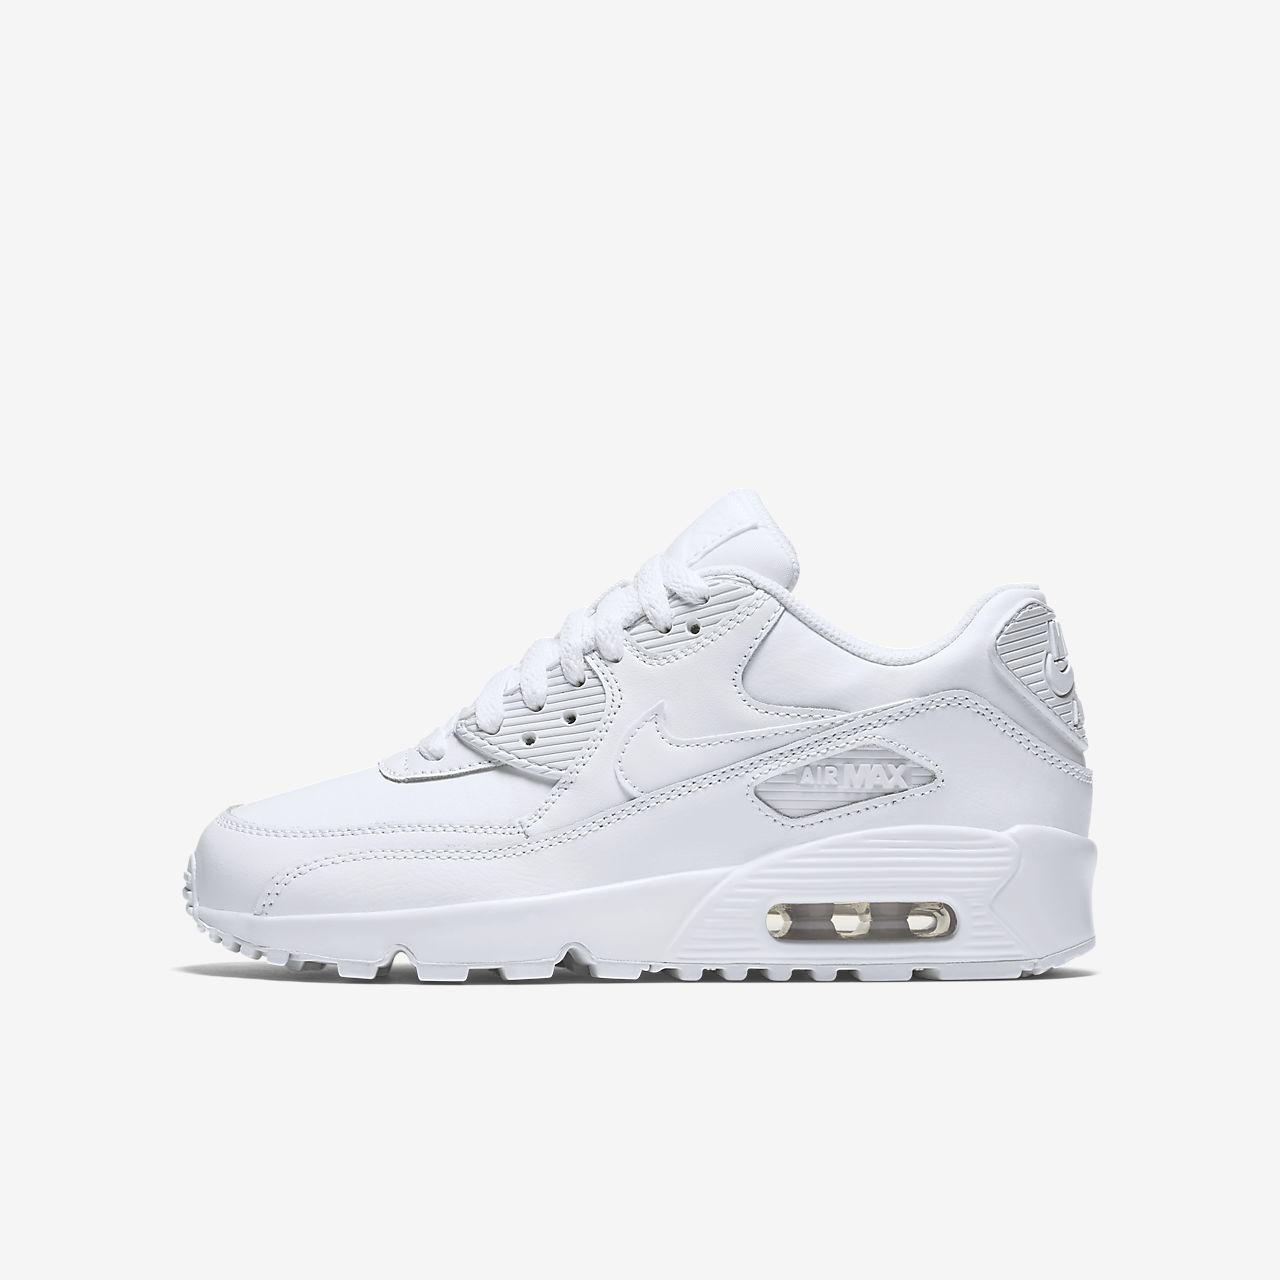 Nike Air Max 90 Leather Genç Çocuk Ayakkabısı